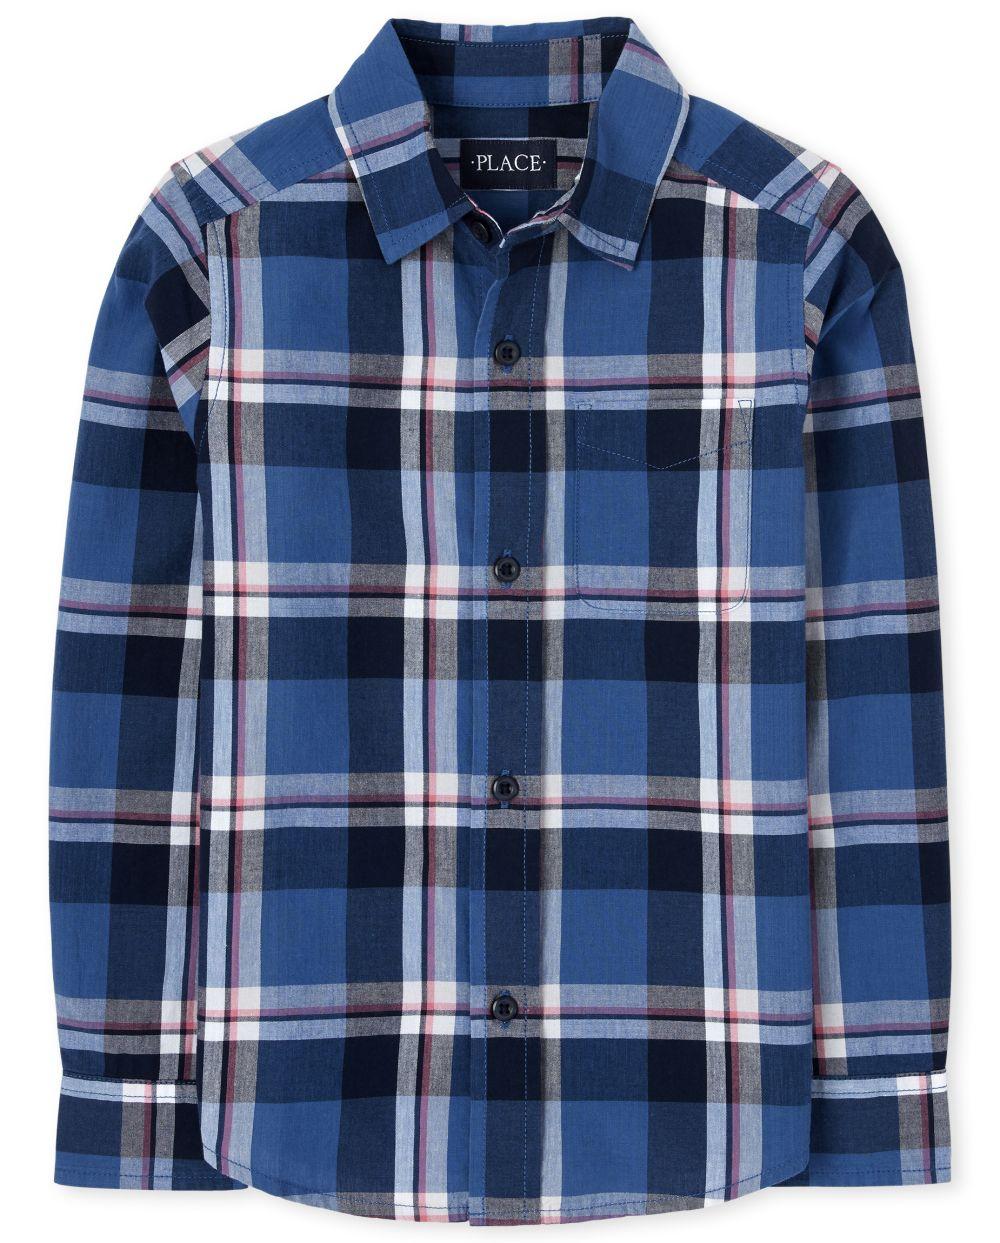 Boys Plaid Poplin Button Down Shirt - Blue